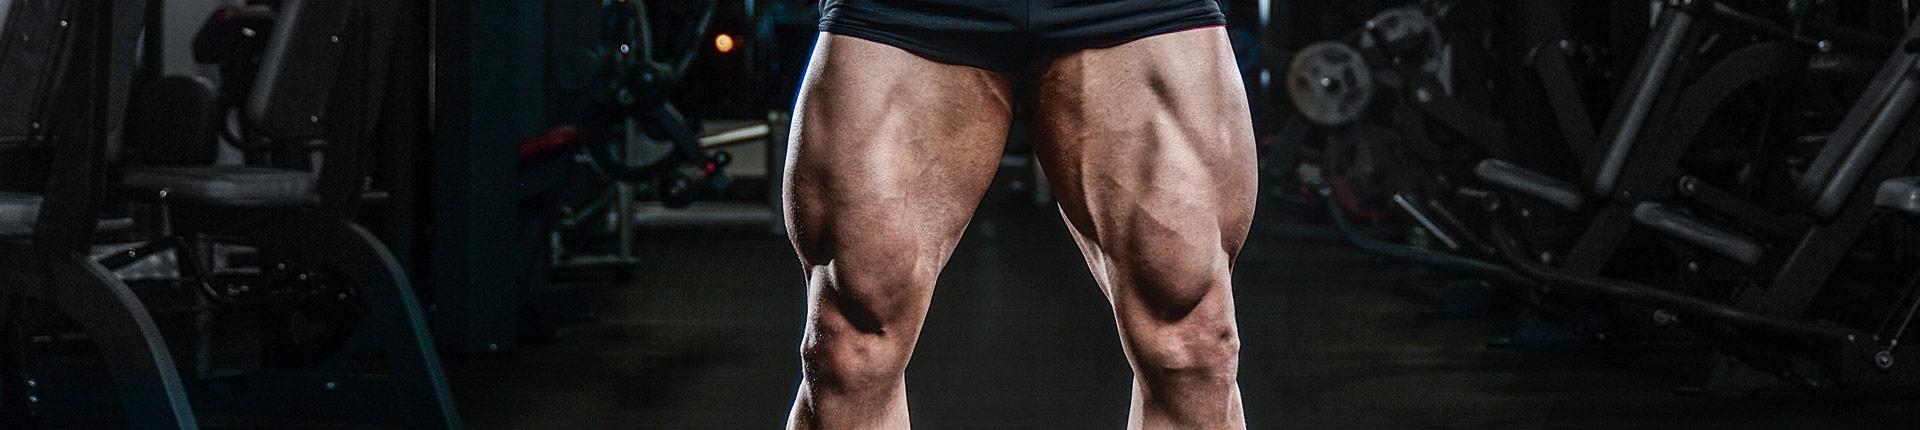 Równowaga mięśni nóg, dlaczego jest ważna?